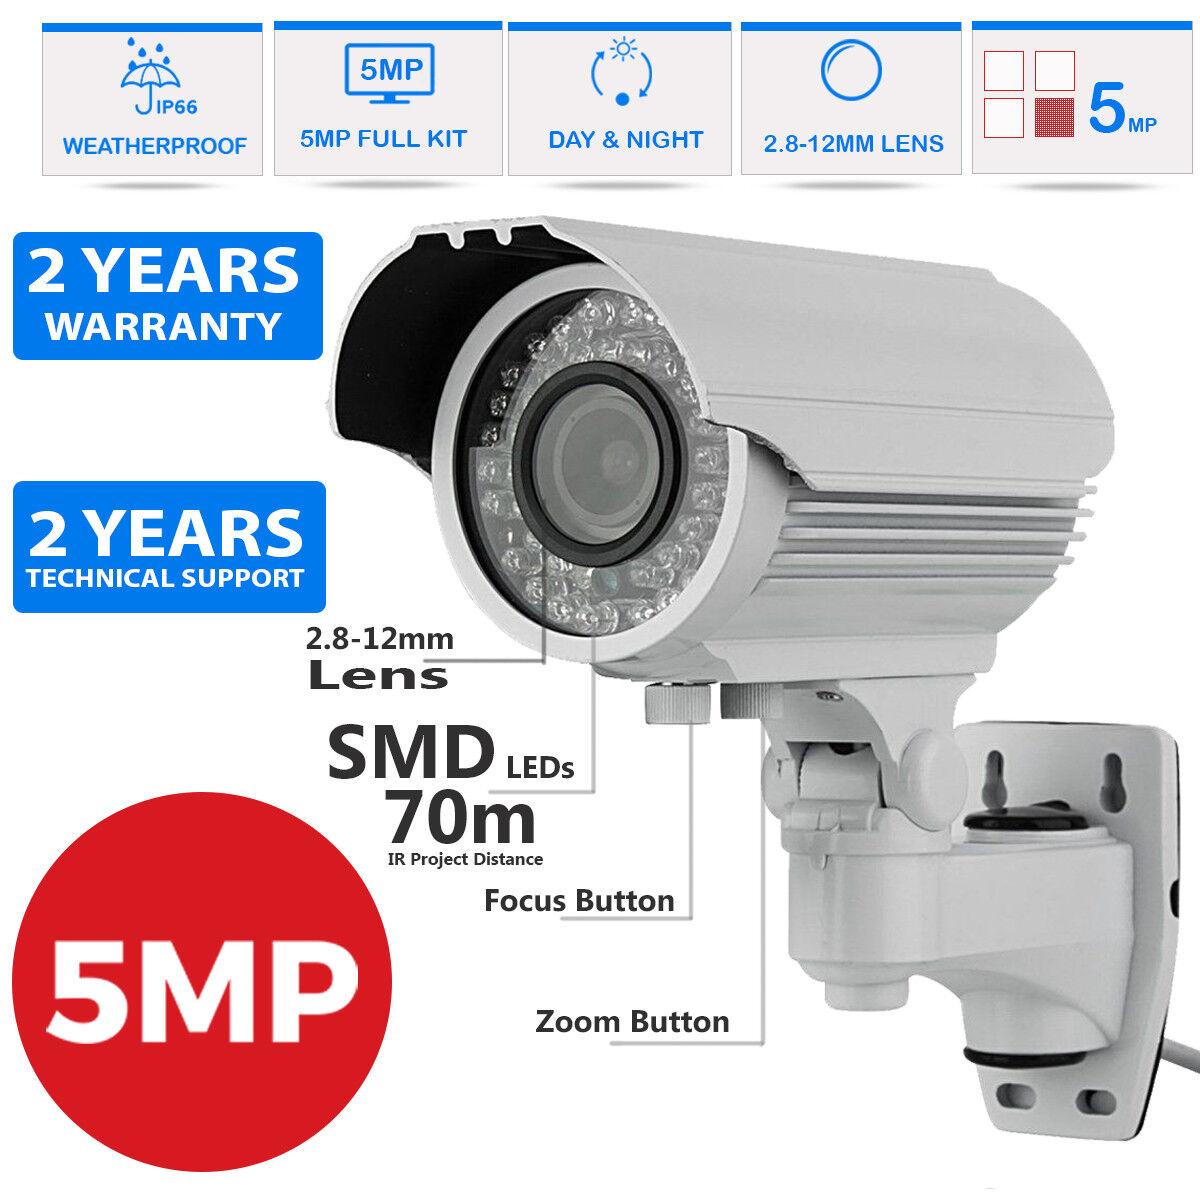 HD TVI 1960p 5mp progresivas 2.8-12mm Bala Cctv Visión Nocturna Cámara Seguridad